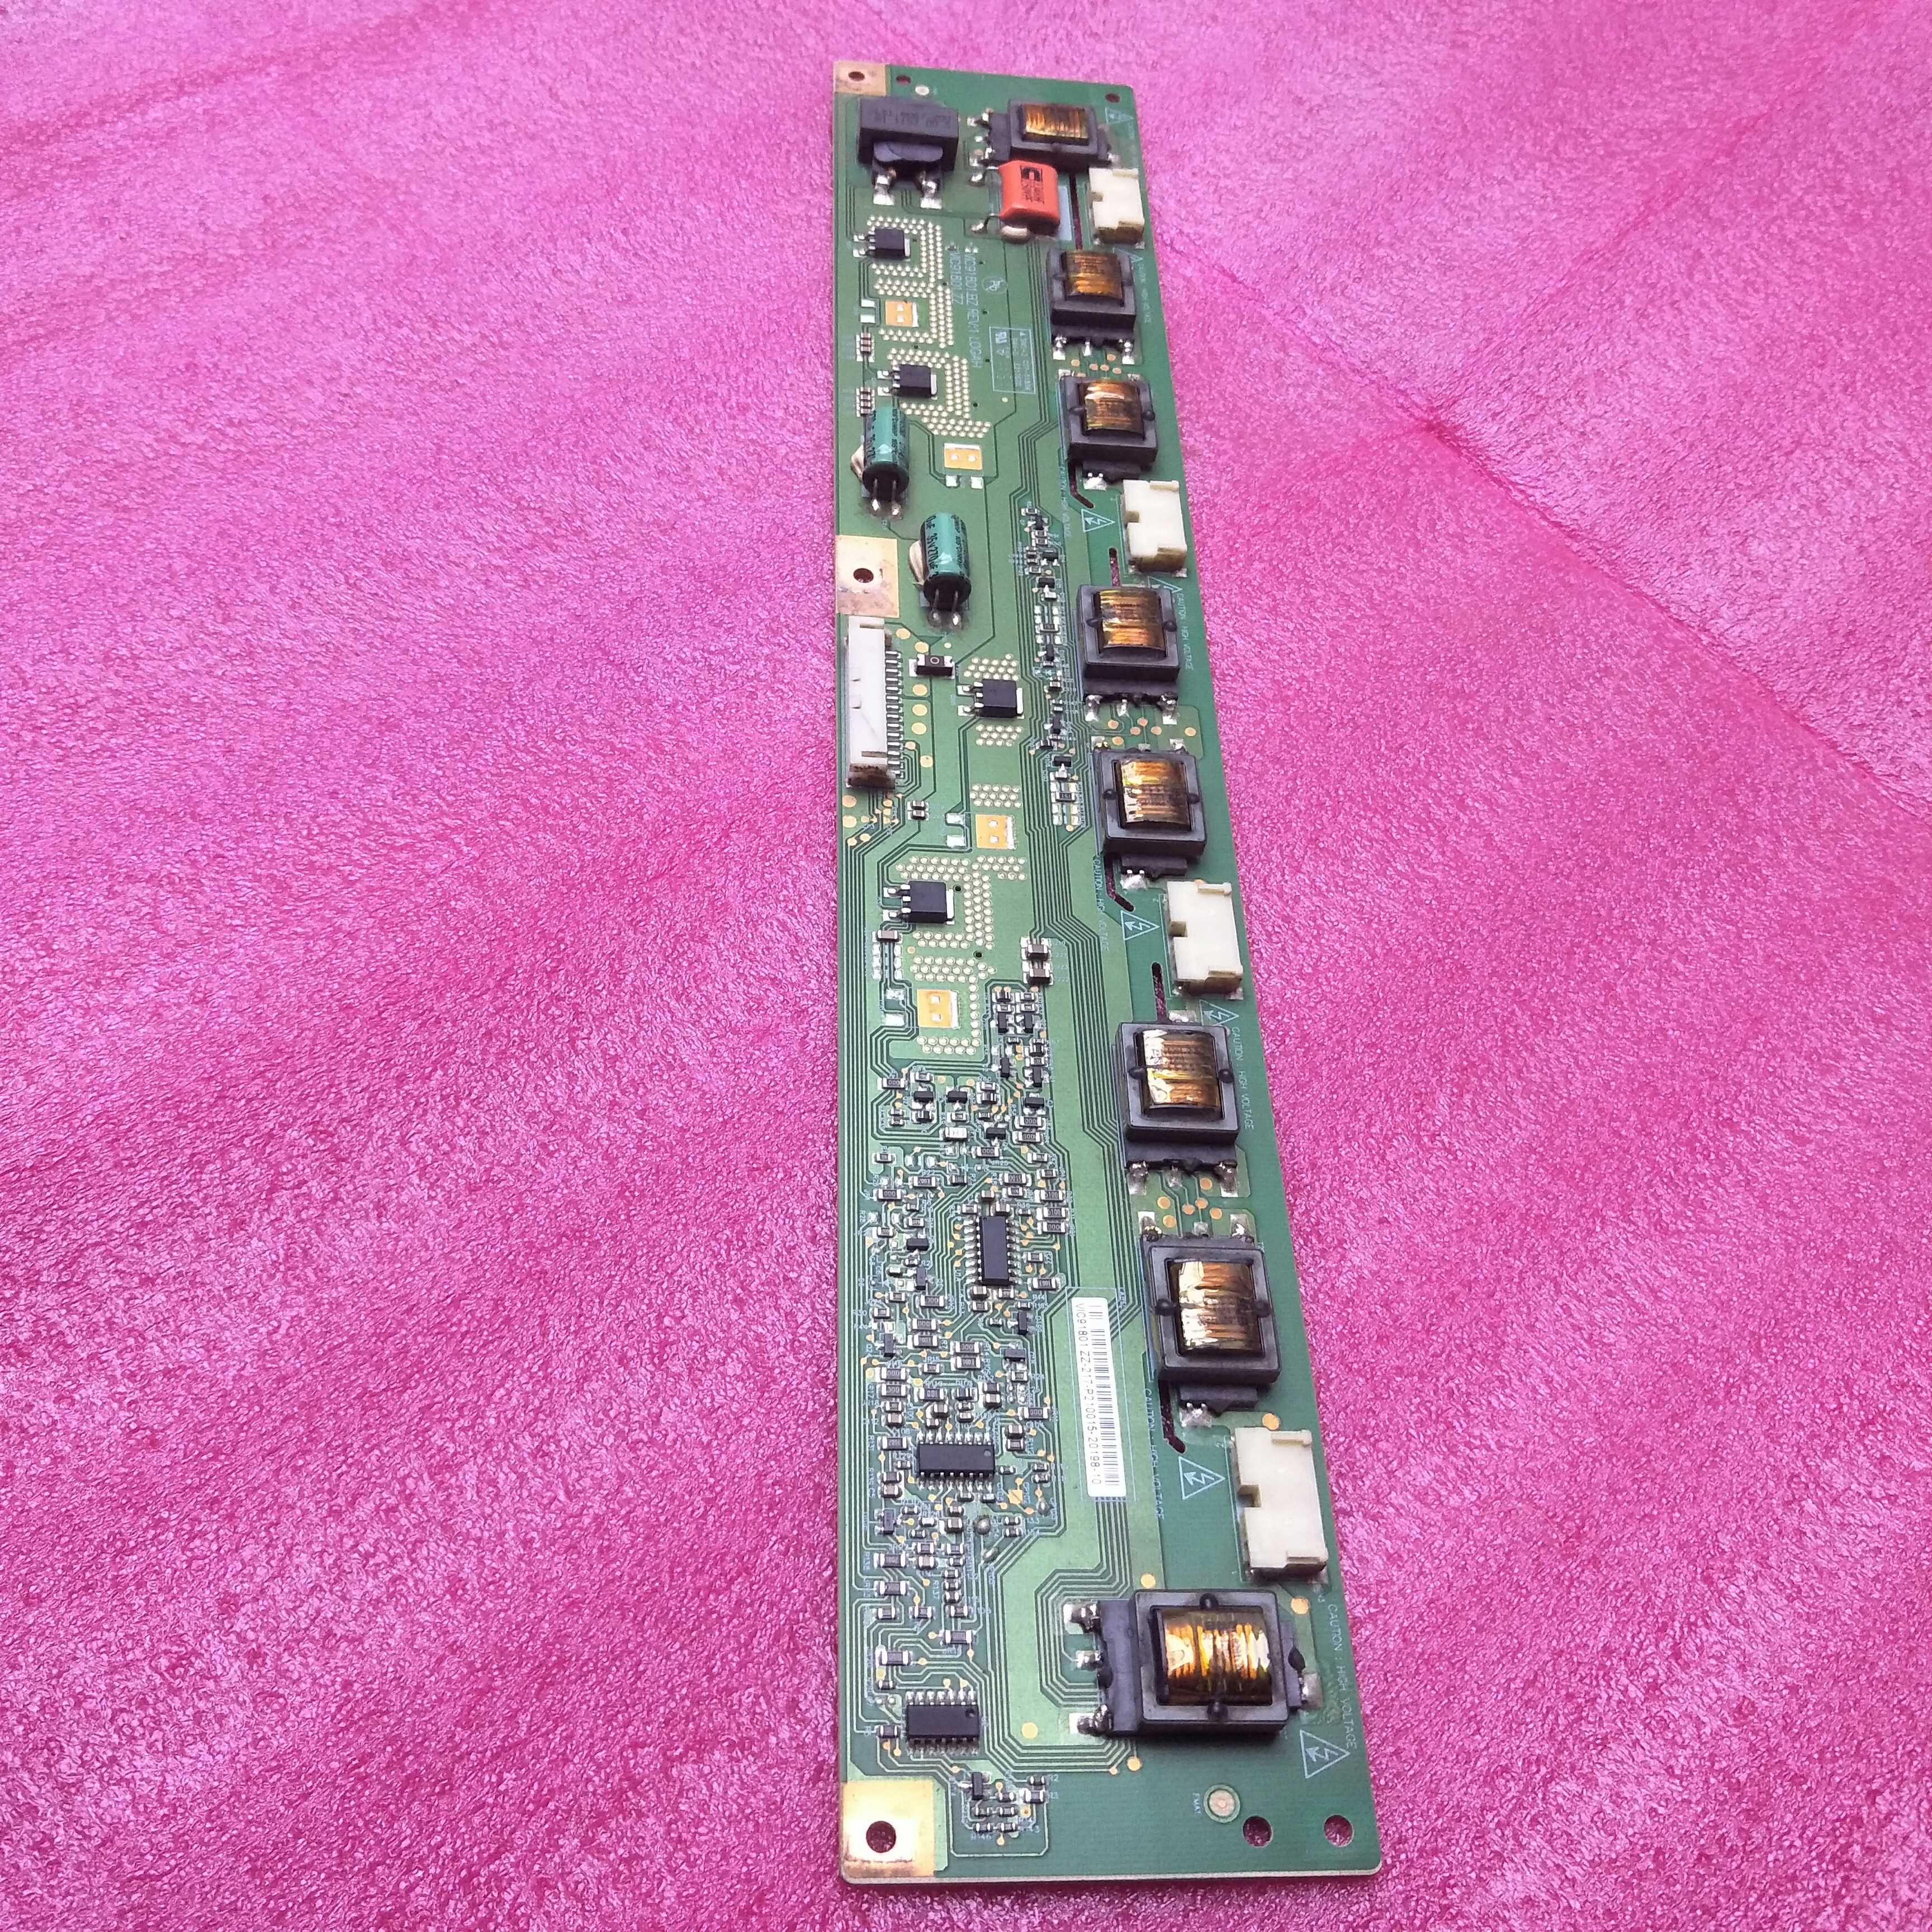 Haier L32G1L32F332 pouces de télévision à affichage à cristaux liquides de la carte - mère d'alimentation haute tension de circuits d'amplification de commande de rétroéclairage à courant constant